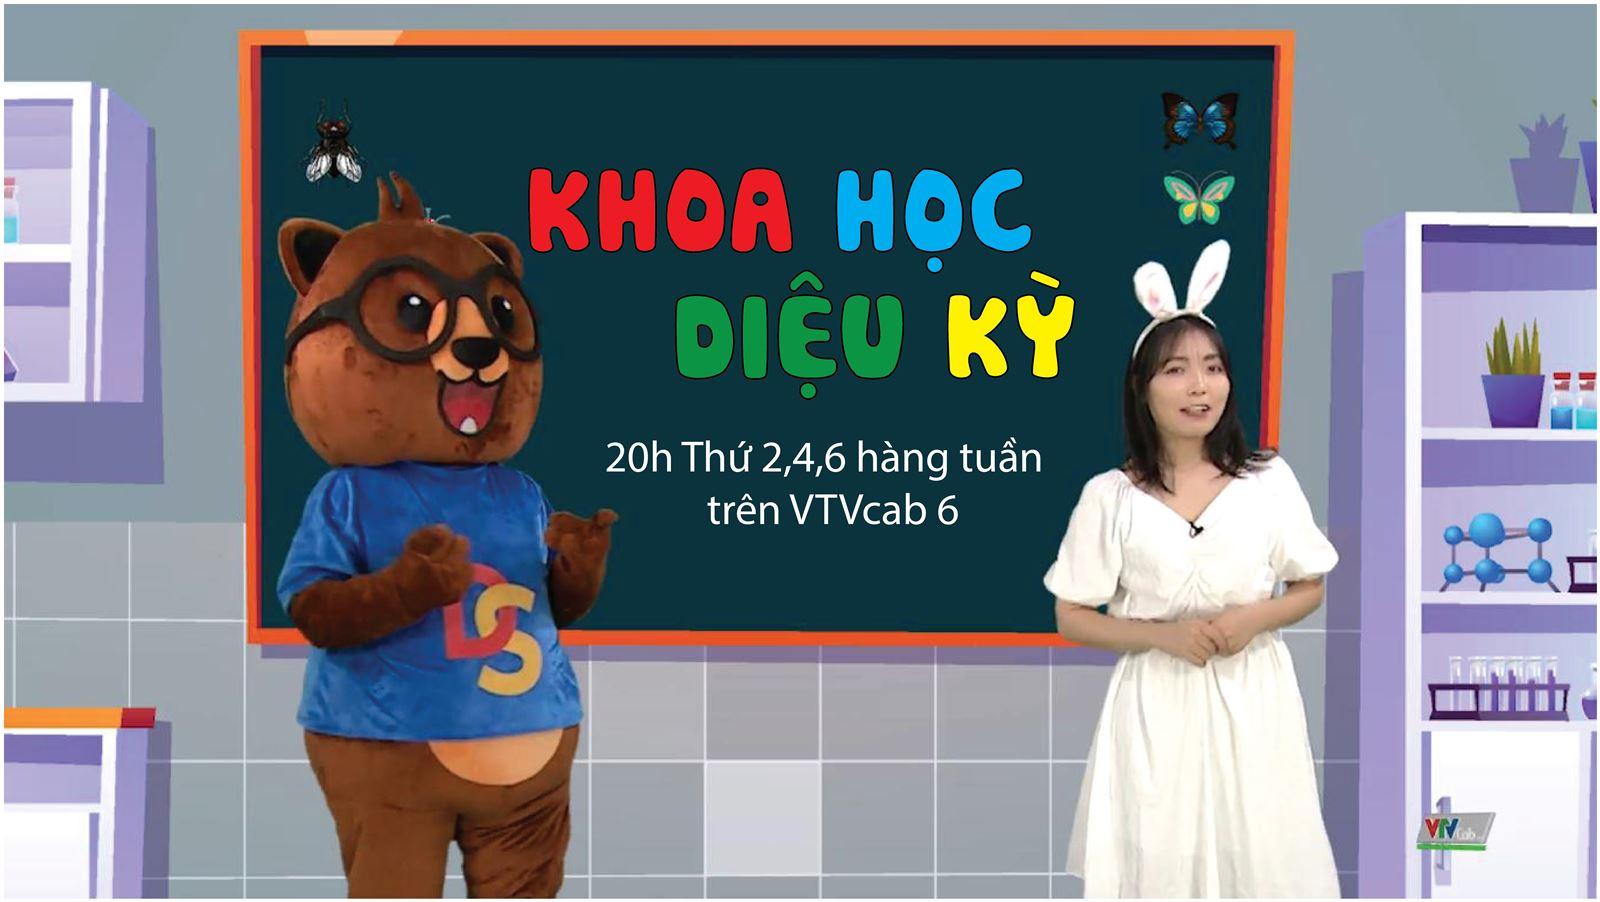 Dongsim Việt Nam ra mắt chương trình Khoa học diệu kỳ trên sóng VTVcab